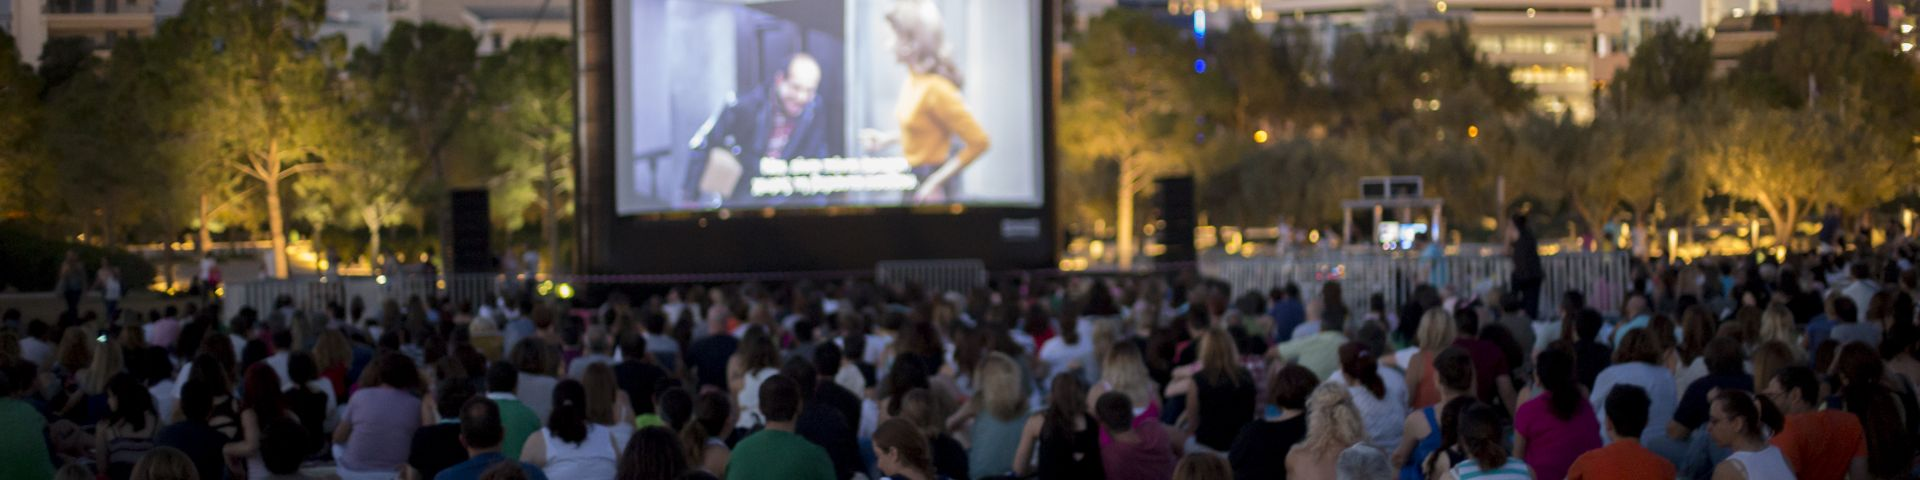 Το Κέντρο Πολιτισμού Ίδρυμα Σταύρος Νιάρχος ανακοινώνει τη συνεργασία του με το Ελληνικό Κέντρο Κινηματογράφου  - Εικόνα